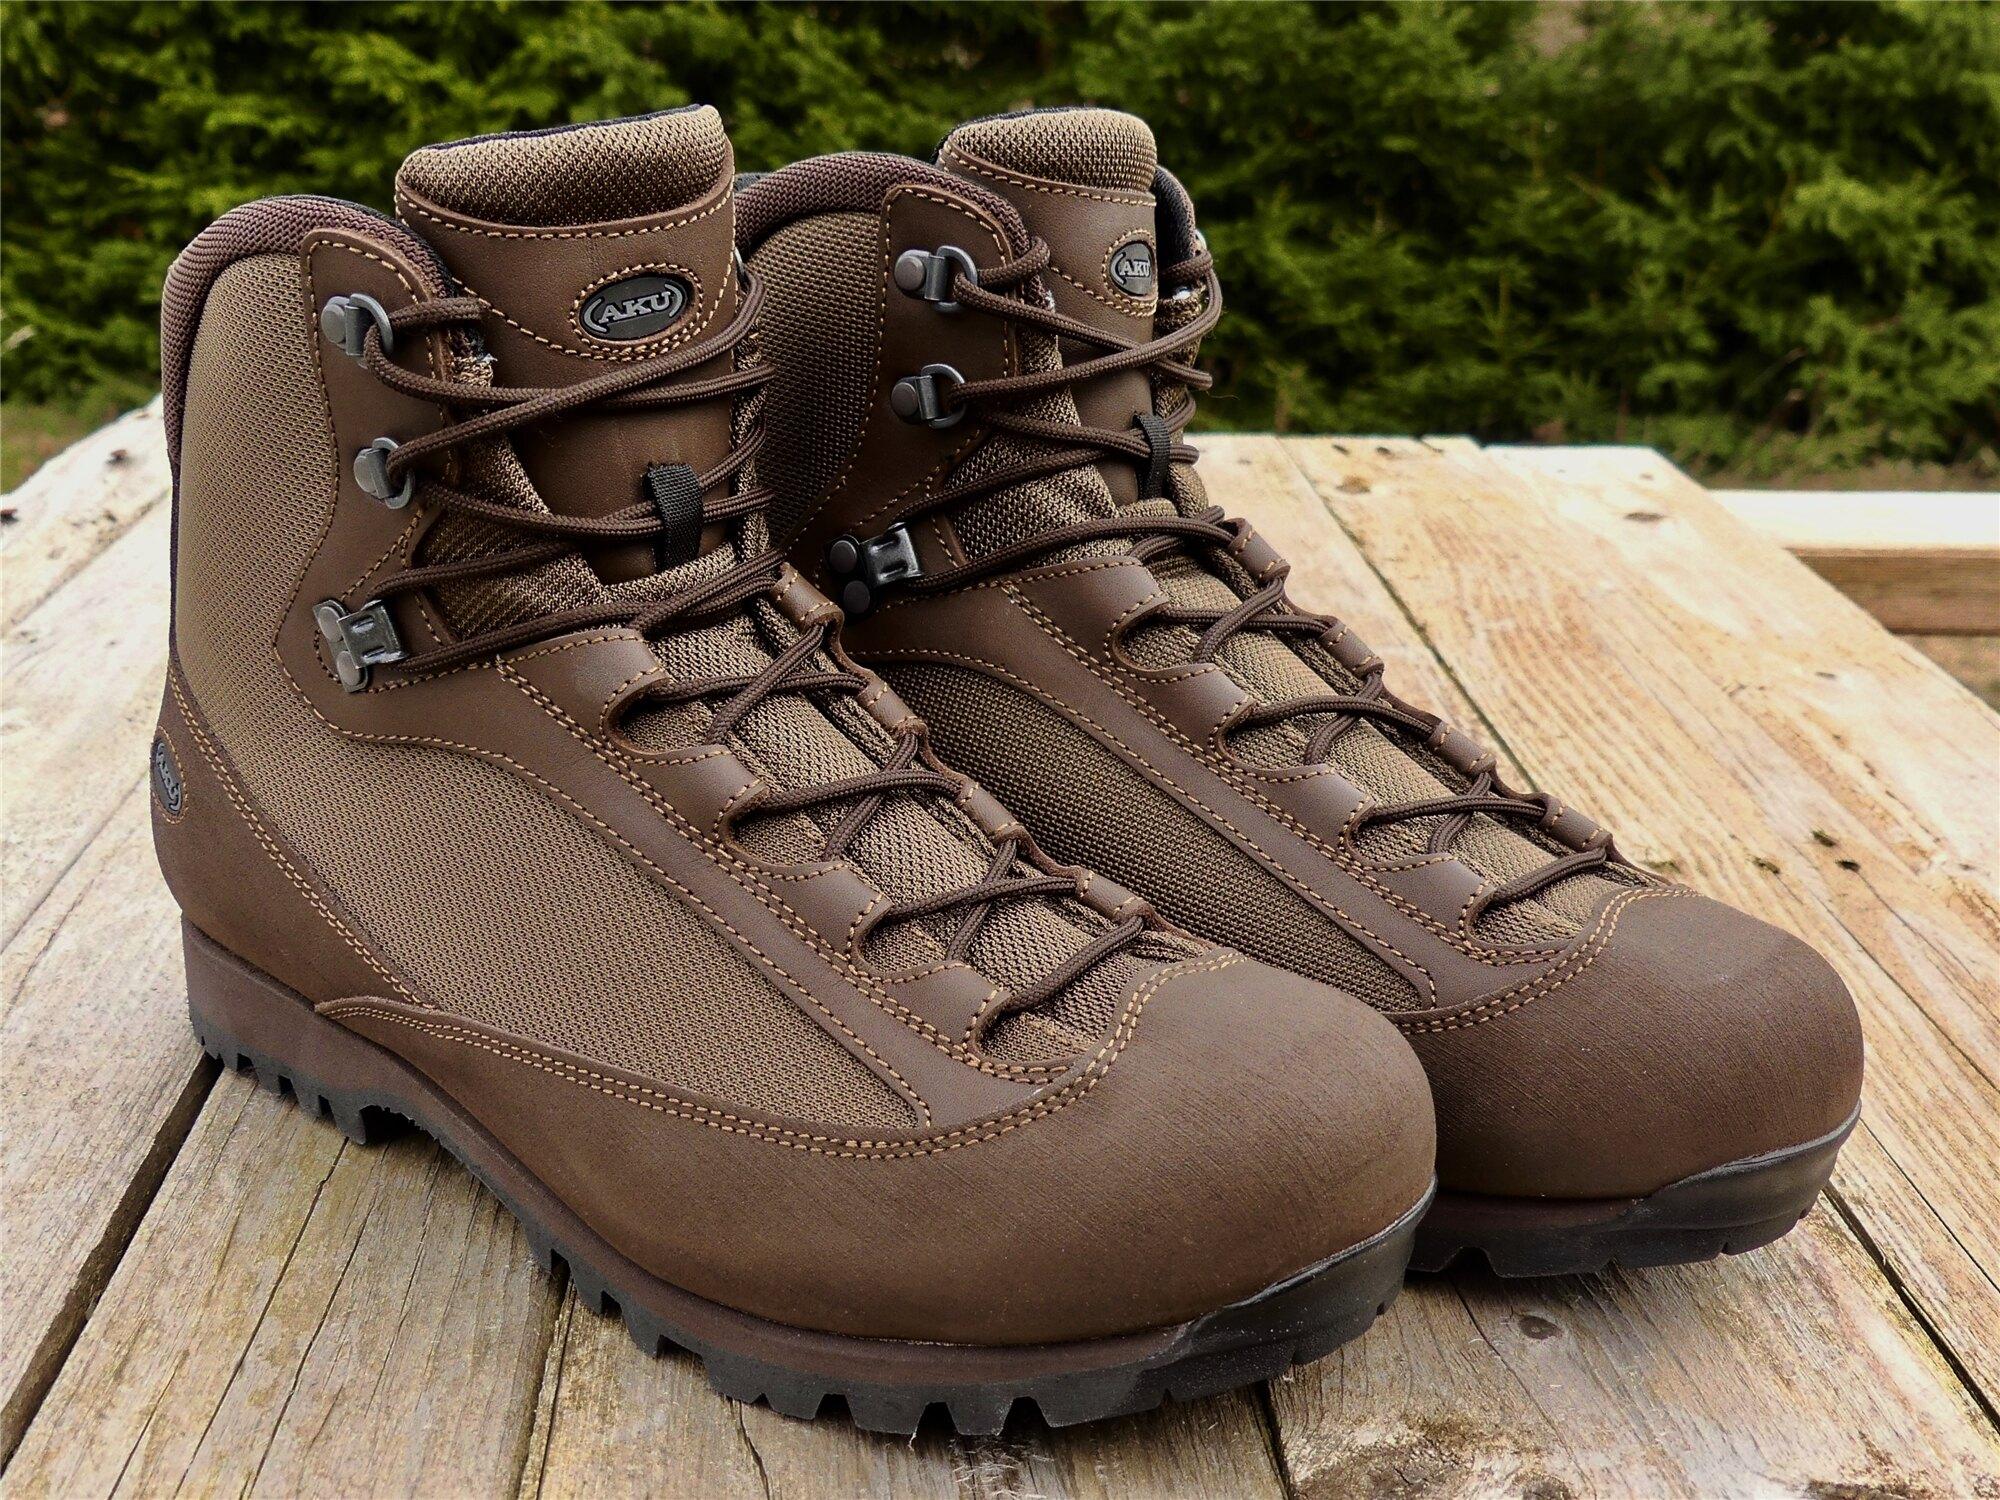 Topánky AKU Tactical® Pilgrim GTX® Combat FG M - hnedé (Farba: Hnedá, Veľkosť: 47.5)